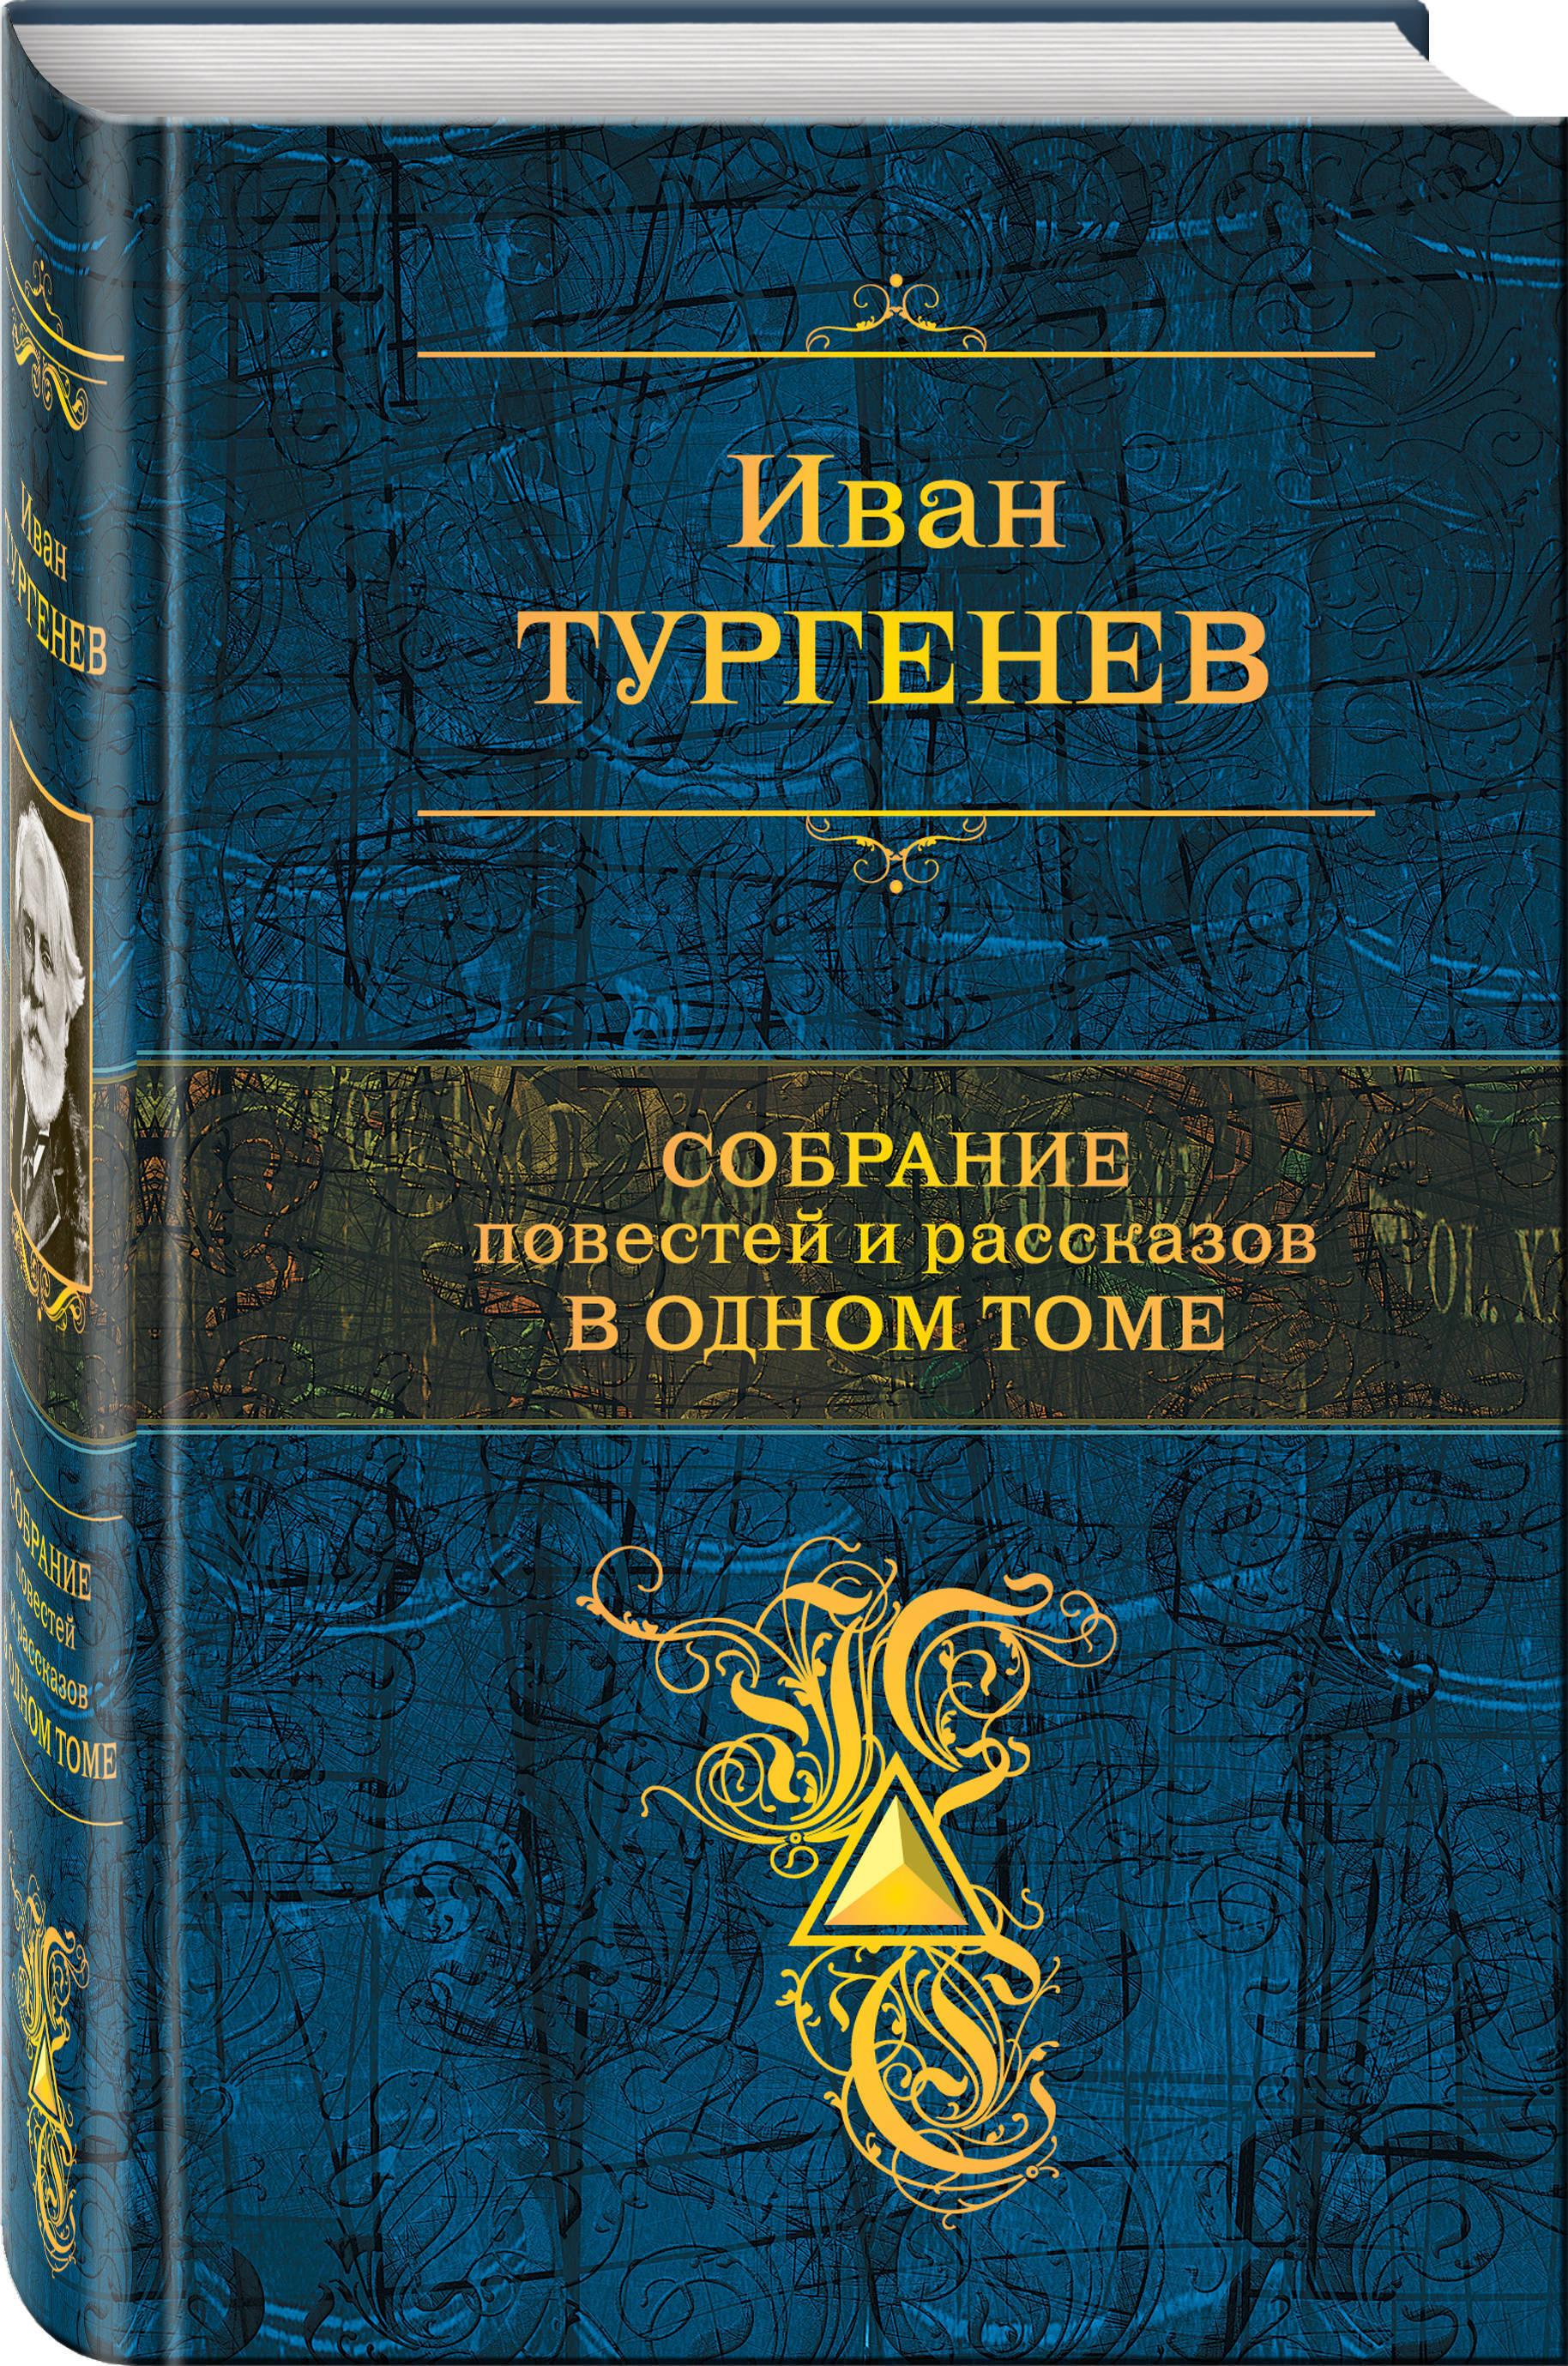 Собрание повестей и рассказов в одном томе   Тургенев Иван Сергеевич